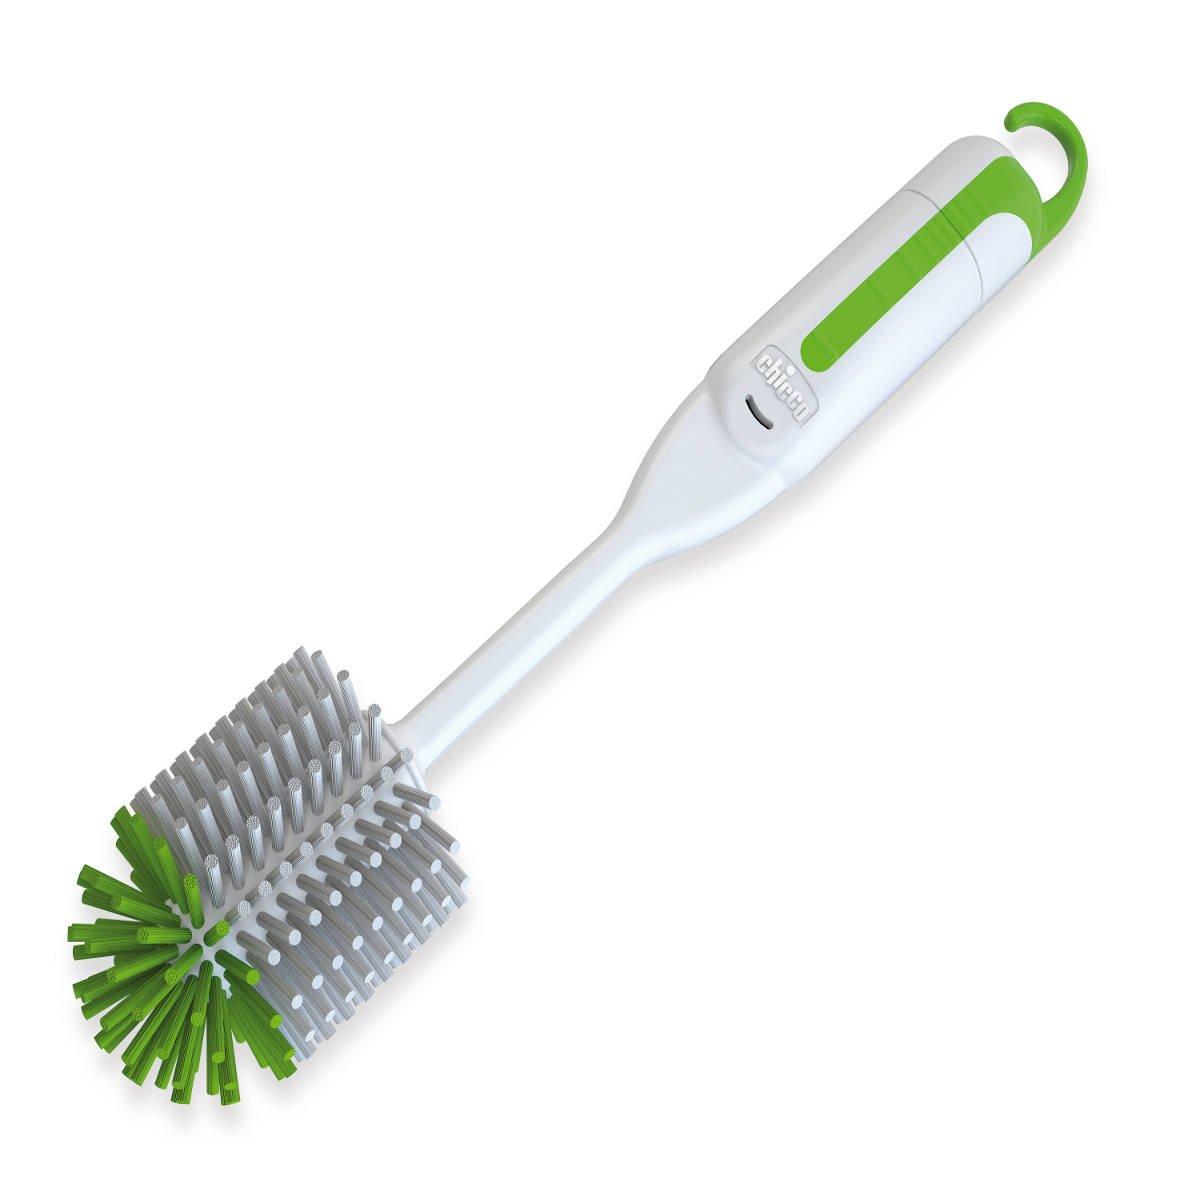 Chicco - Escobilla 2 en 1 para limpiar biberones y accesorios 00069189400000